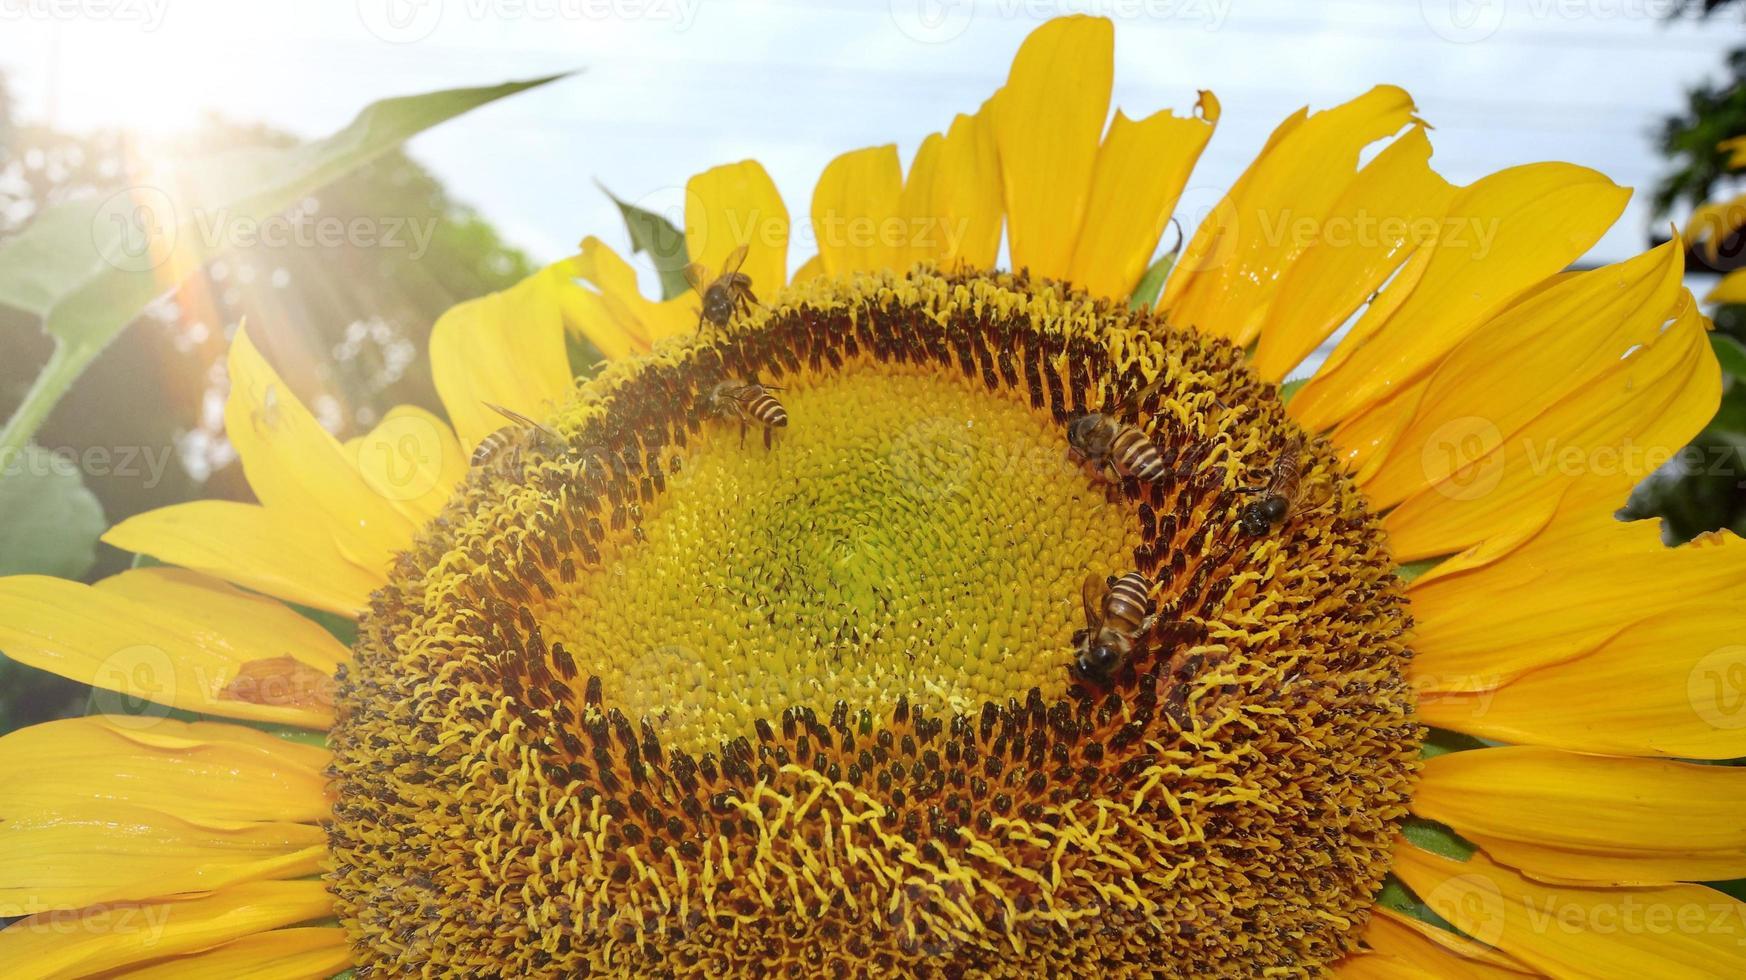 Sonnenblume, dem blendenden Morgenlicht ausgesetzt foto